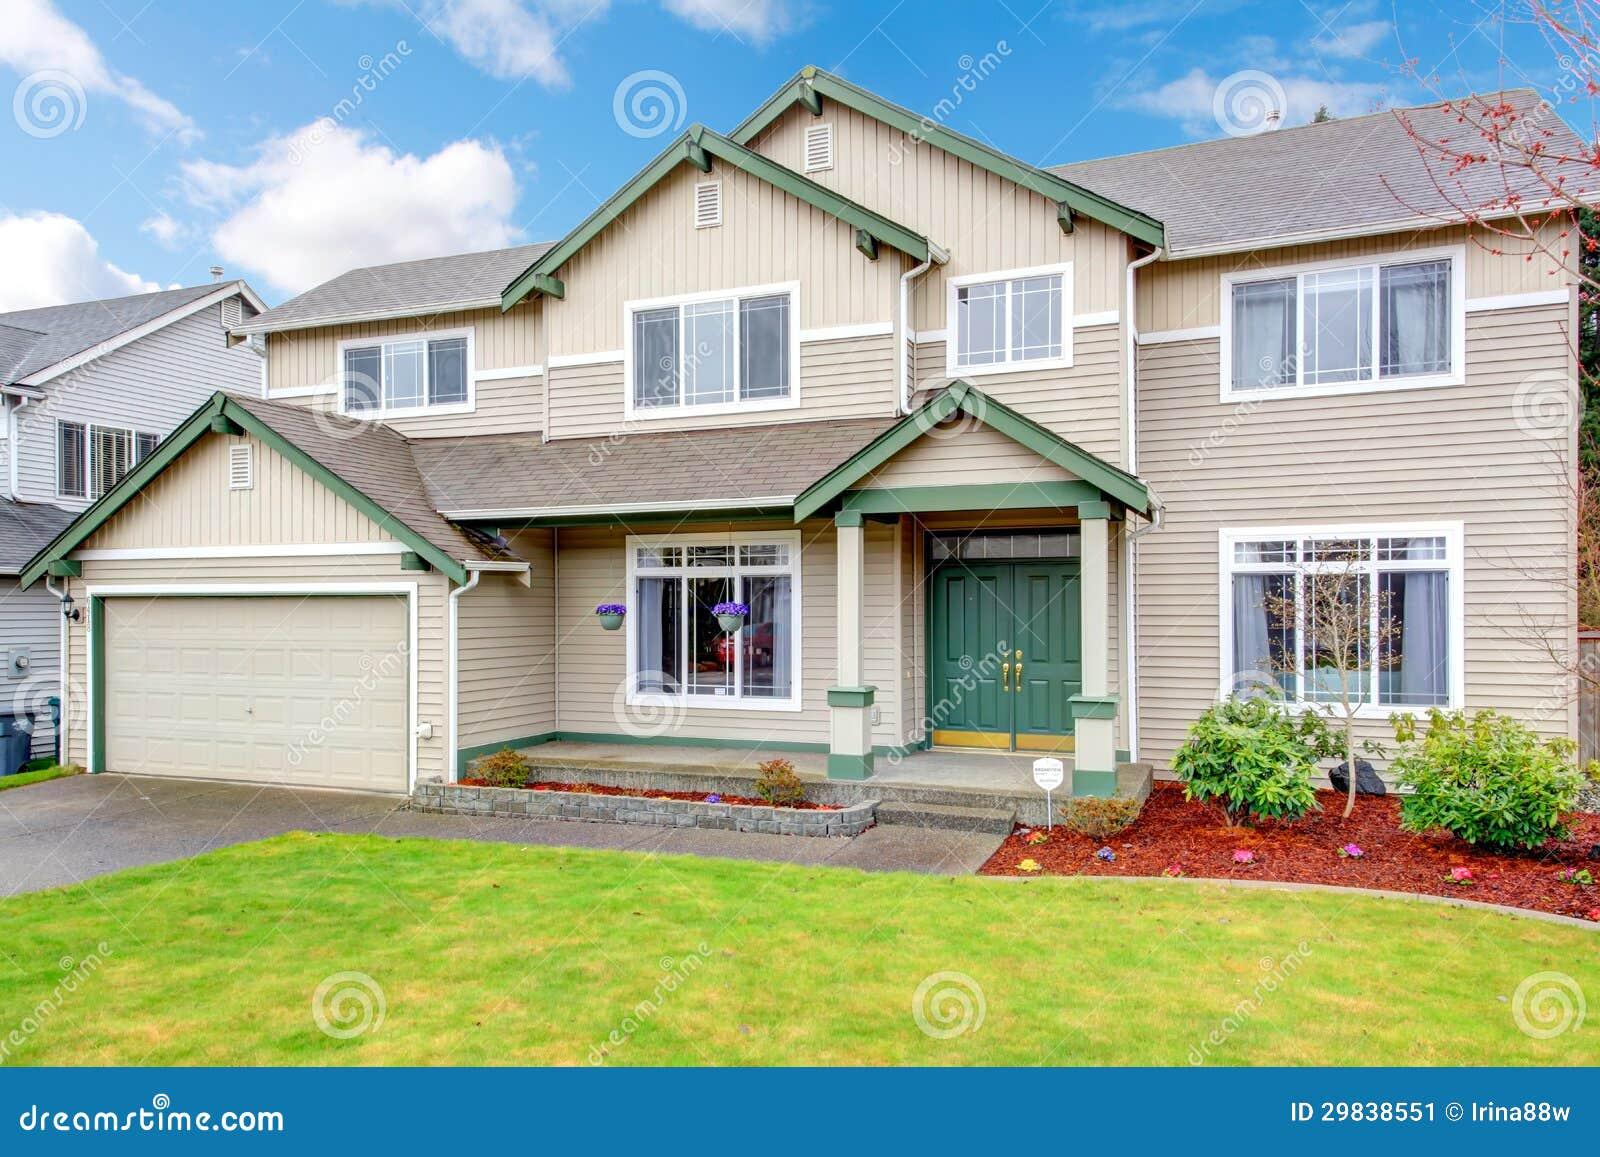 Nuovo grande esterno americano di nord ovest classico for Nuova casa classica